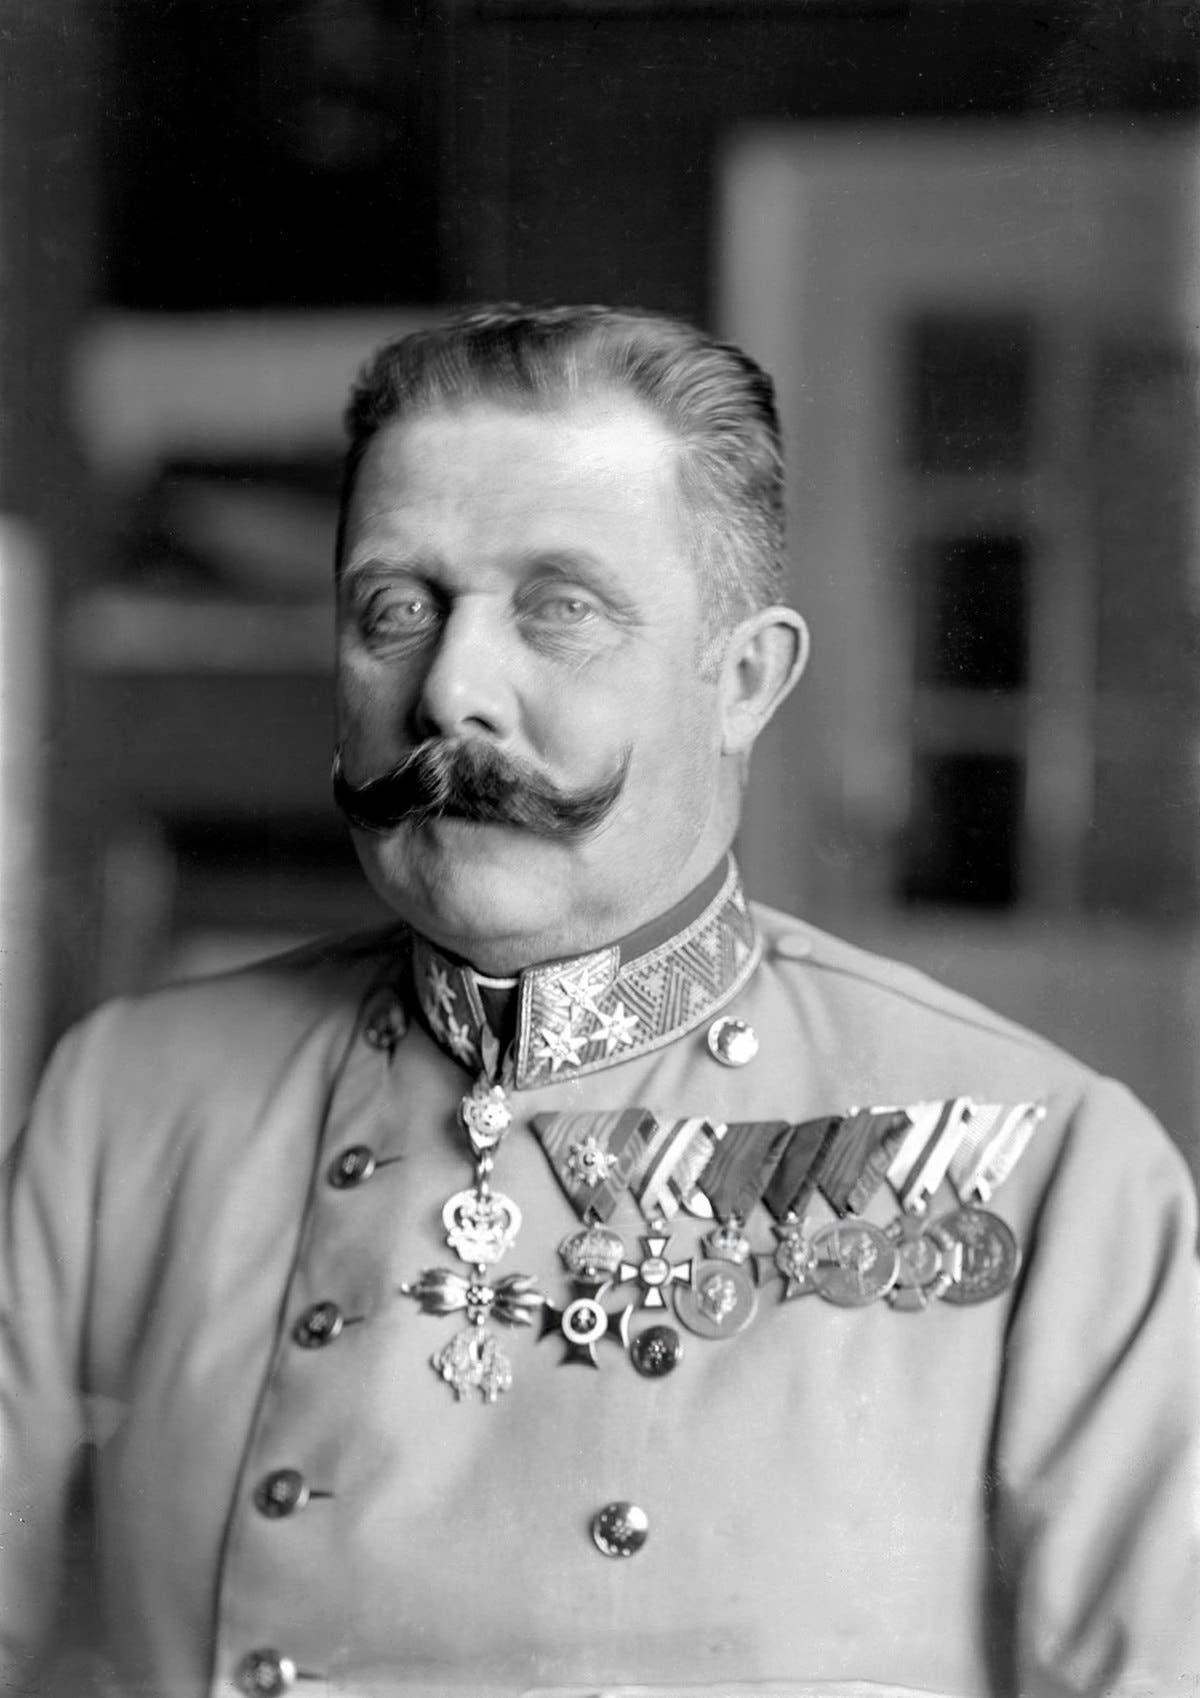 صورة لولي عهد النمسا فرانز فرديناند والذي تسببت عملية اغتياله في اندلاع الحرب العالمية الأولى